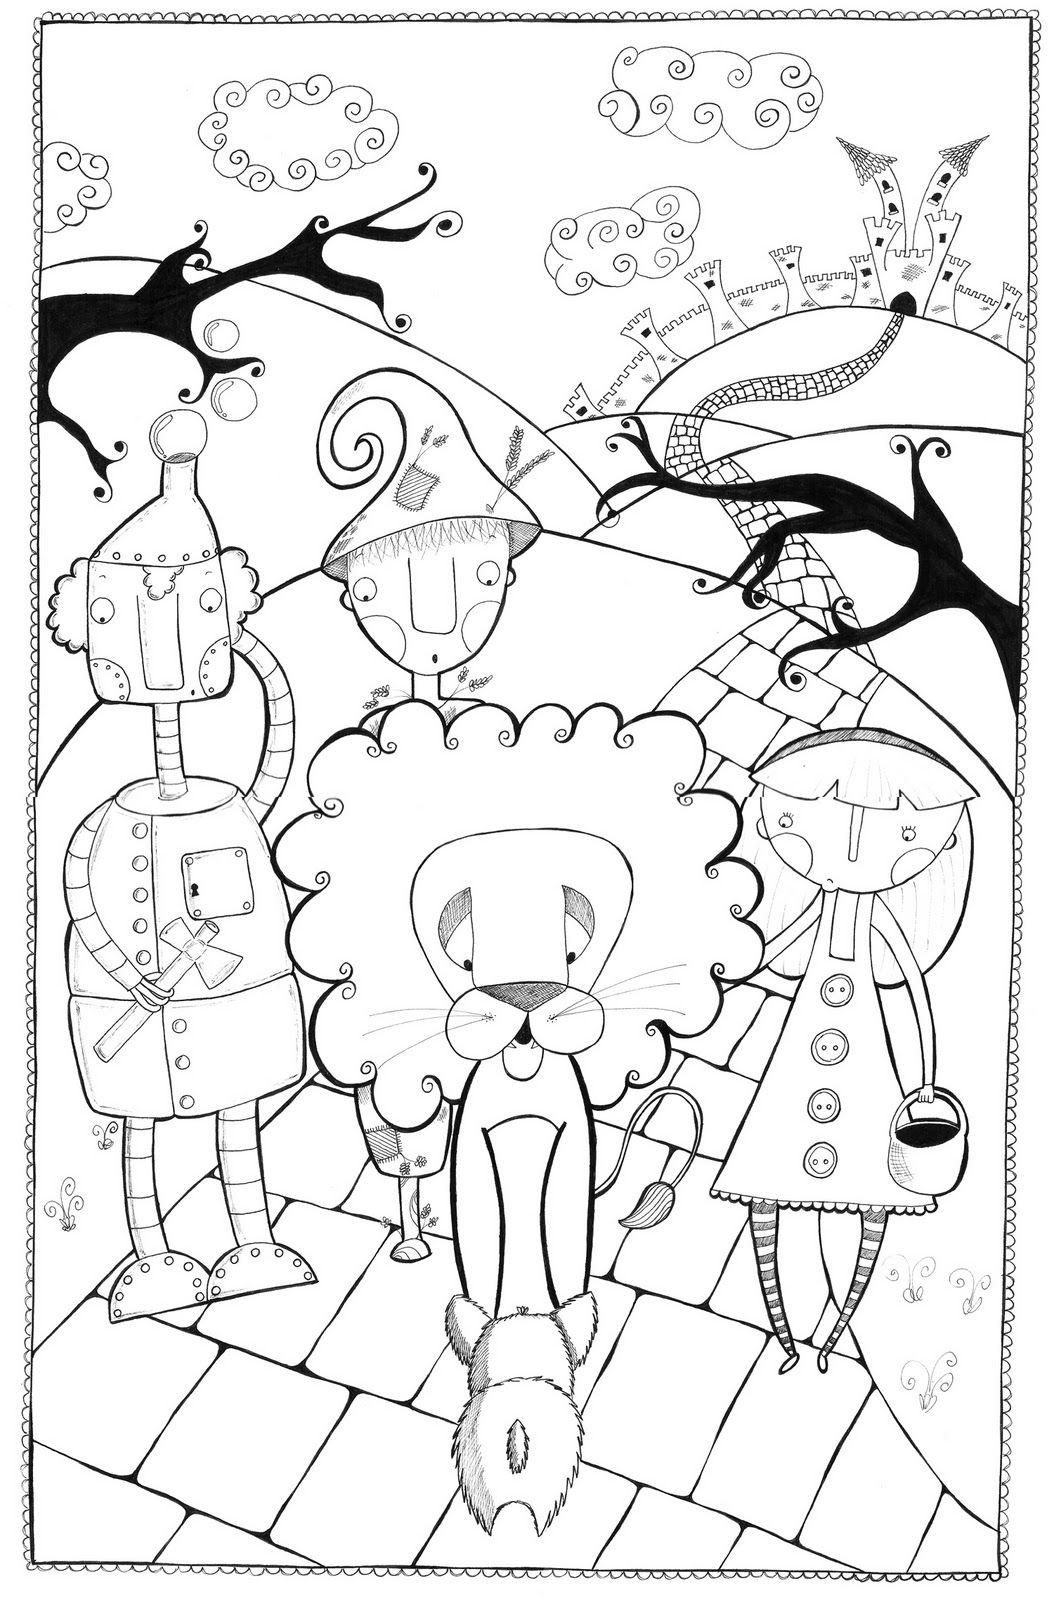 Dibujo Para Colorear De El Mago De Oz Personajes Mago De Oz Mago De Oz Páginas Para Colorear Disney